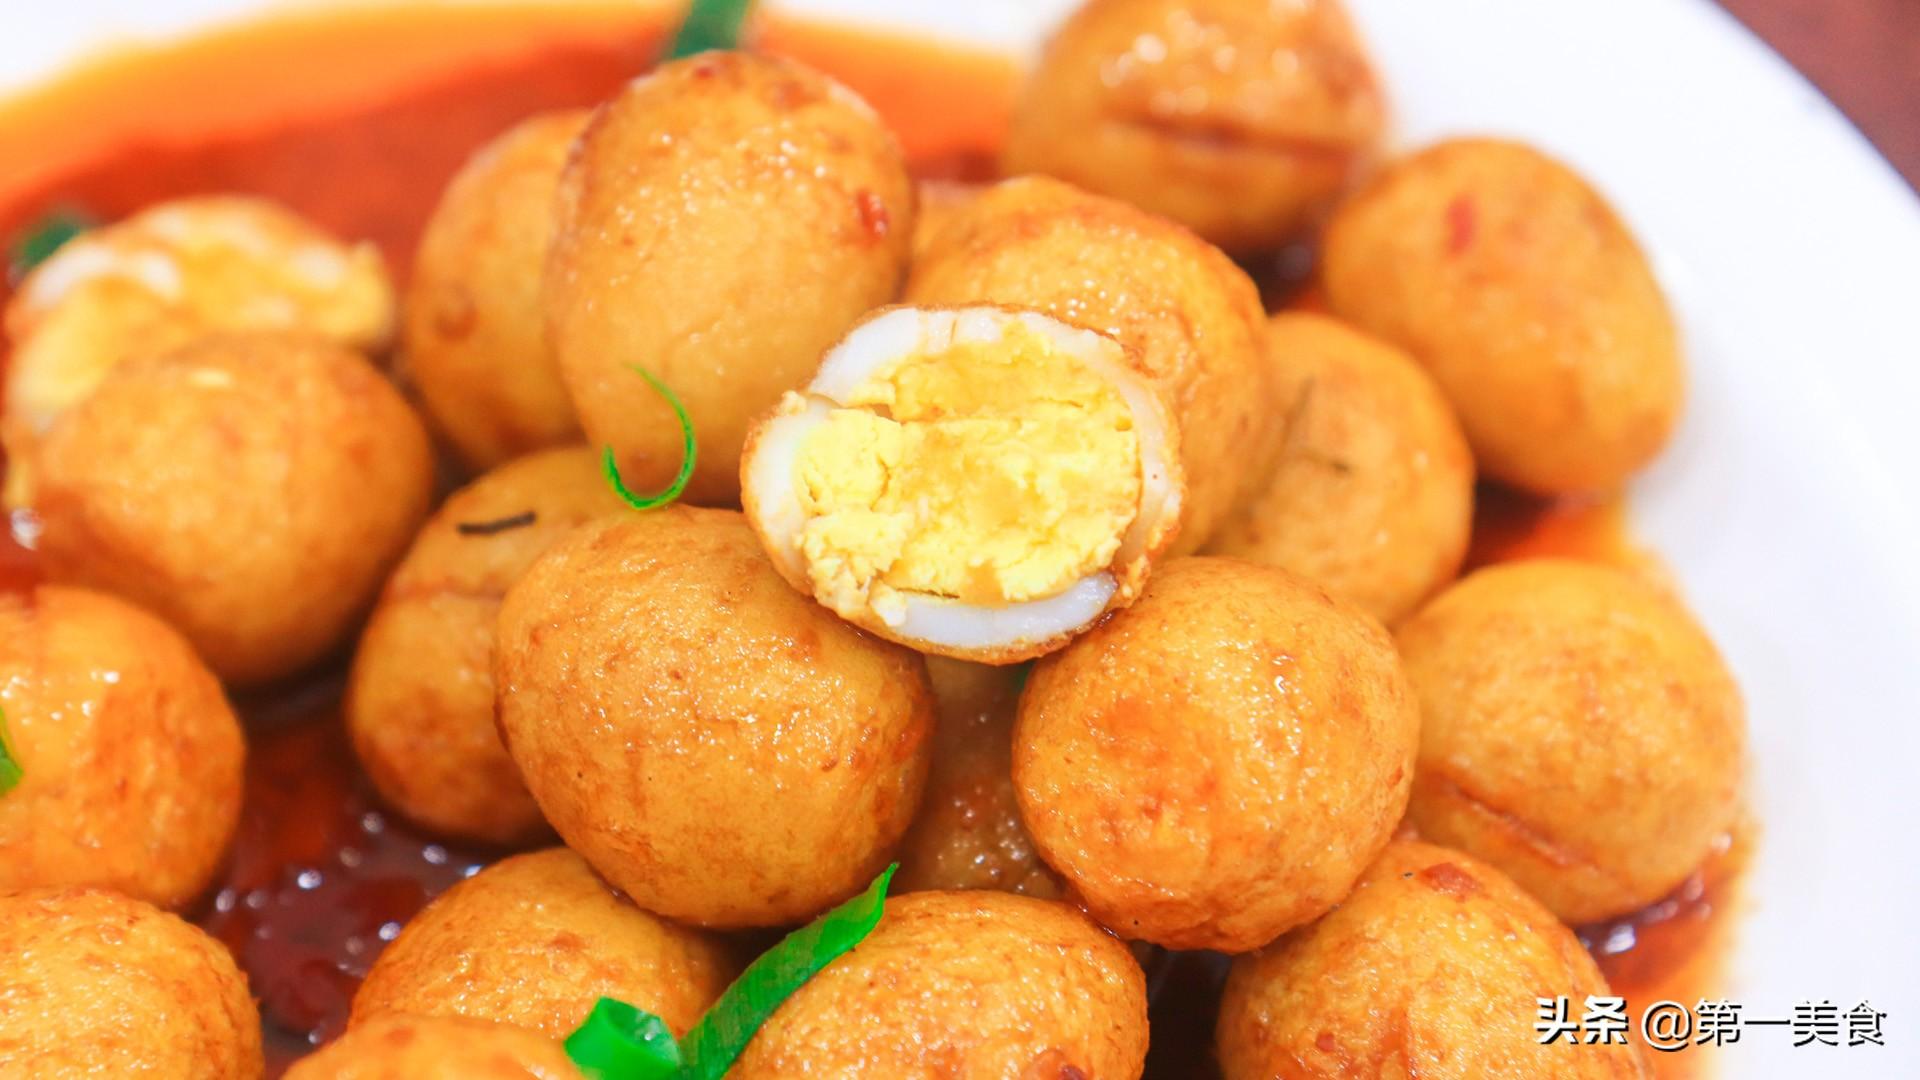 【香辣鹌鹑蛋】做法步骤图 香辣过瘾 表皮焦酥味道美